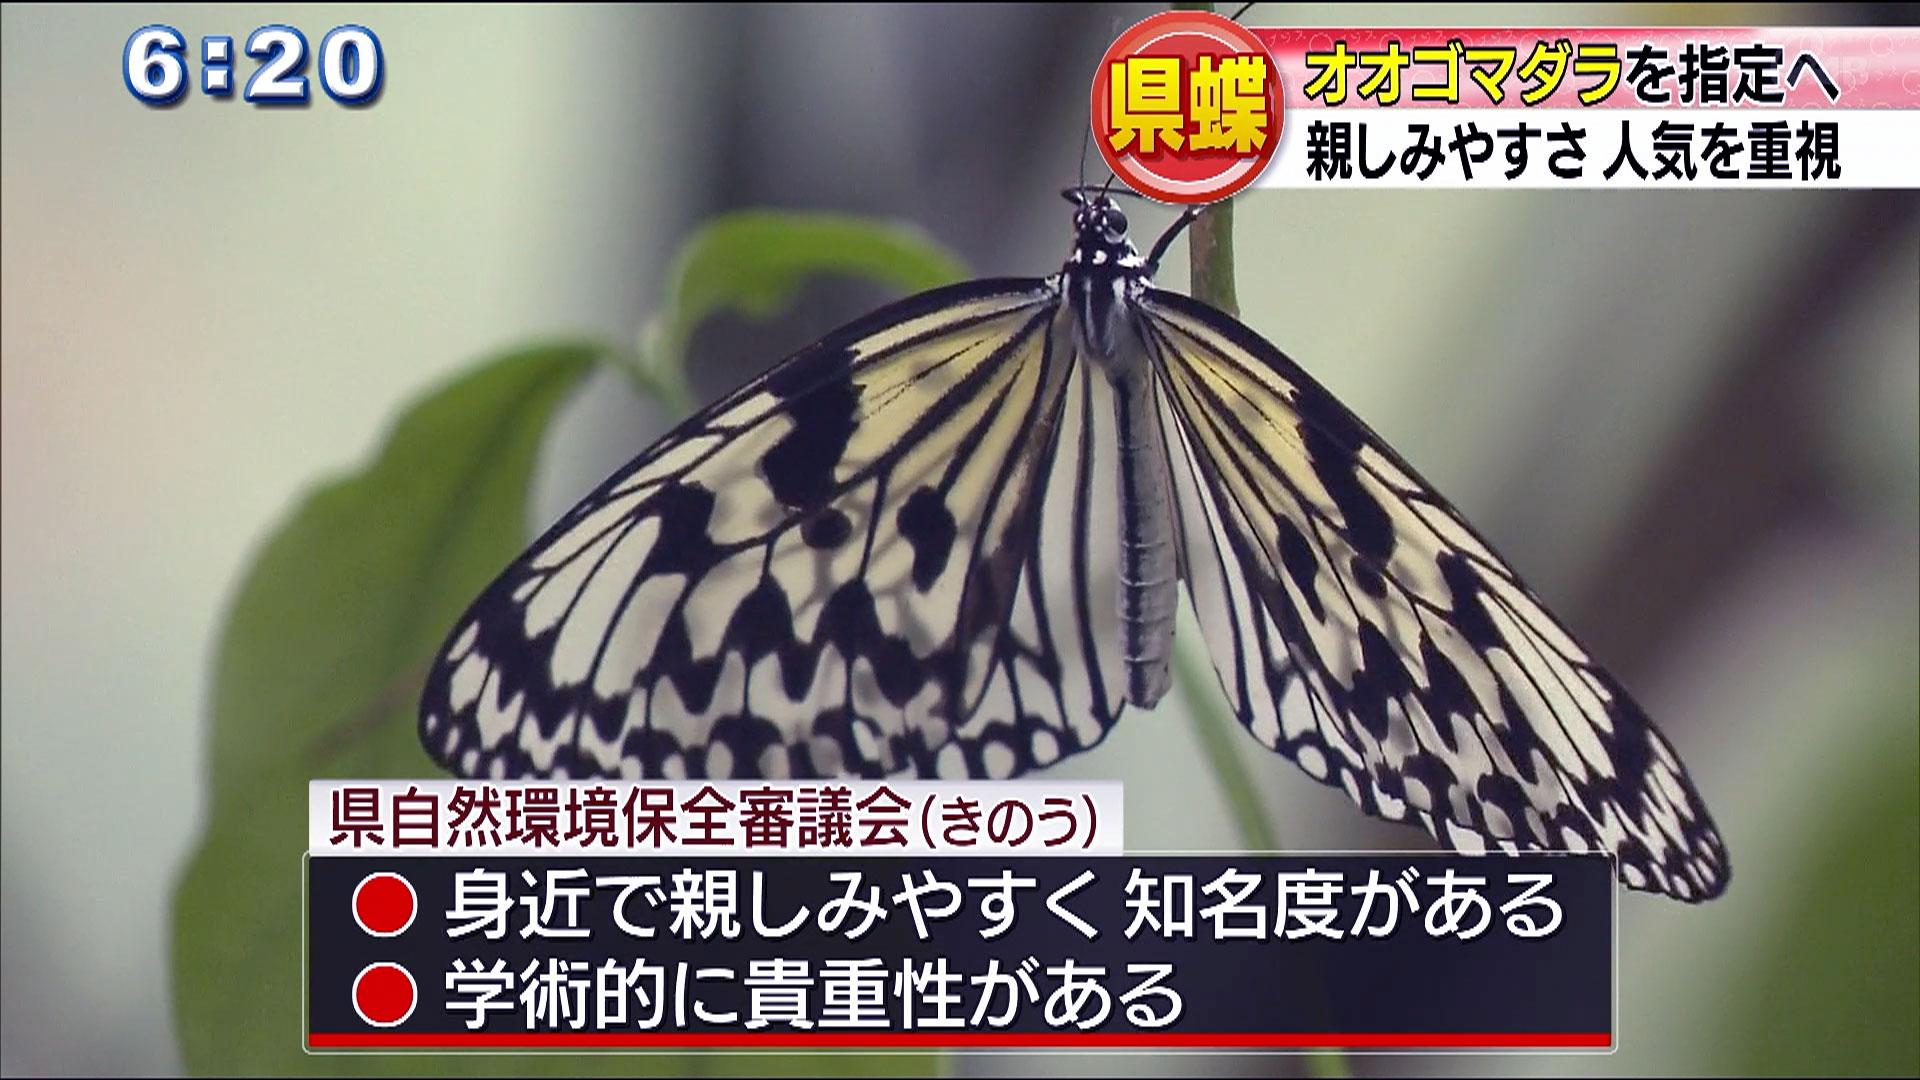 オオゴマダラが県蝶に 全国で2例目